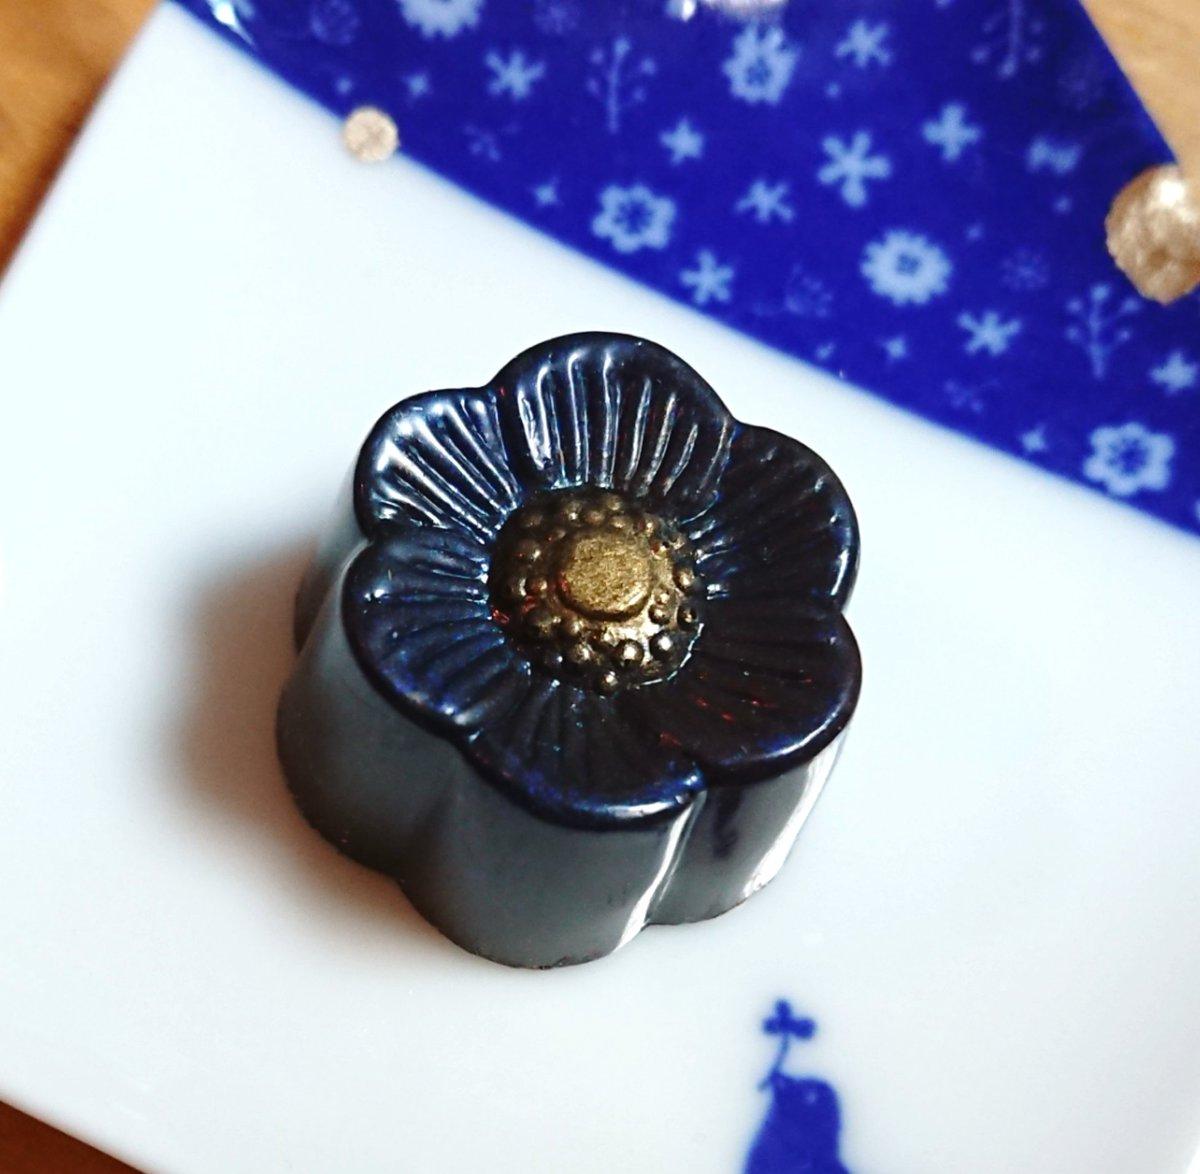 Nakamura Chocolateめっちゃ美しくて…特に並んでるのの右3つに「ひえー…」となってウッドベリーズ買ってしまった…。上手く撮れないんだけど深い青と金色、つやつやで陶器みたい。